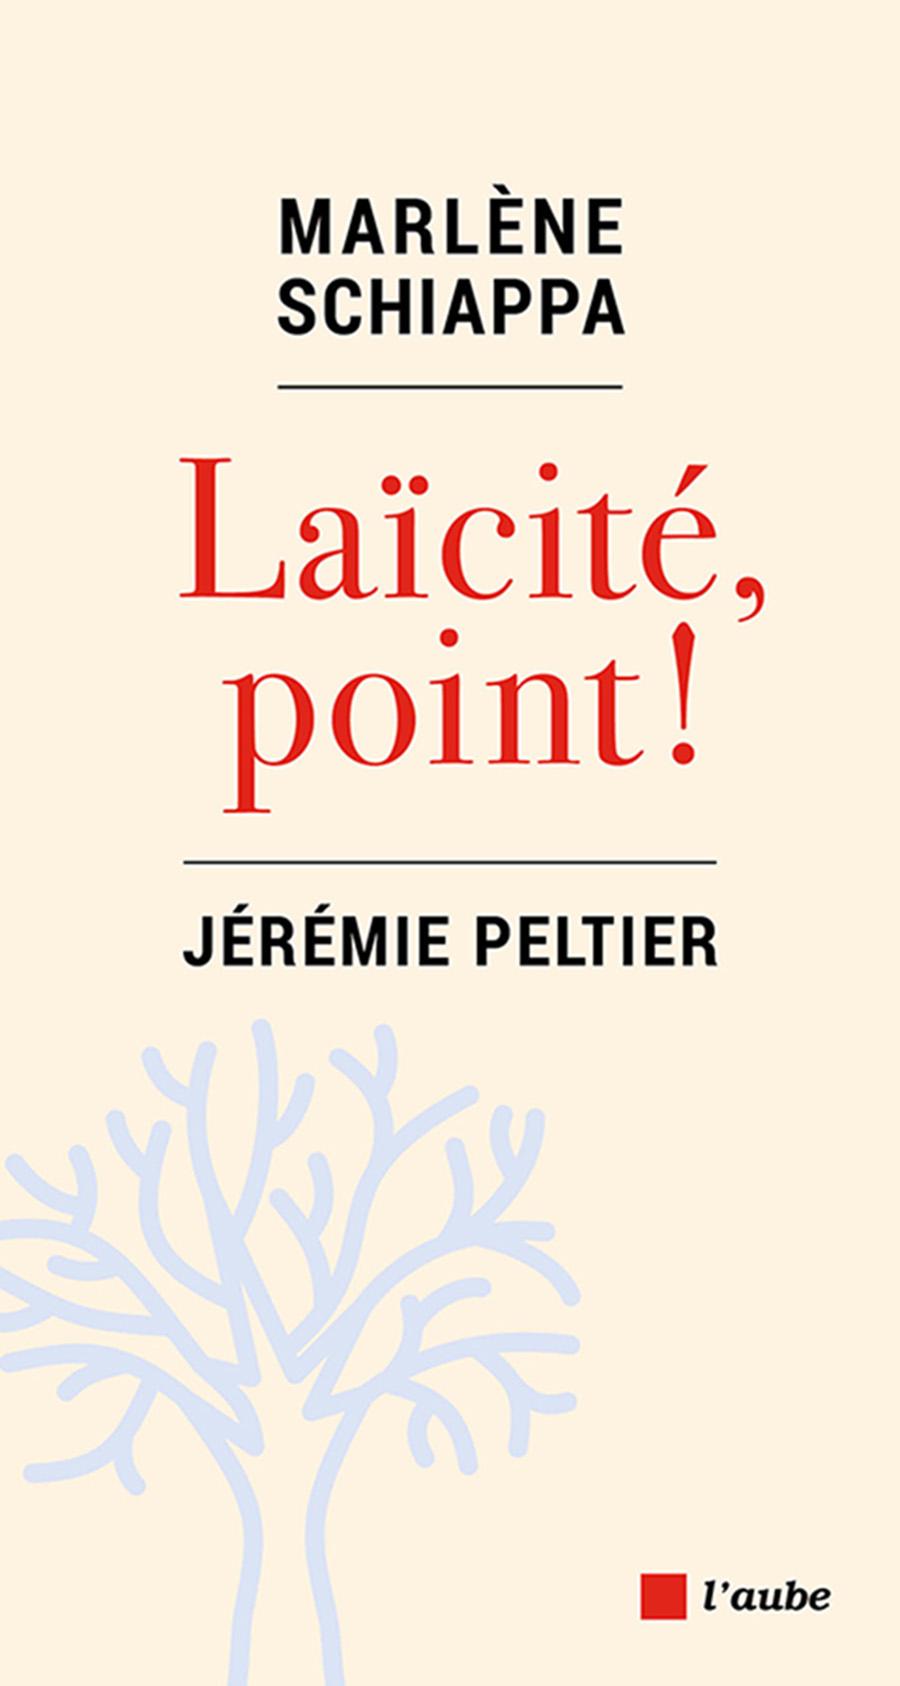 Laïcité, point!, Marlène Schiappa et Jérémie Peltier.